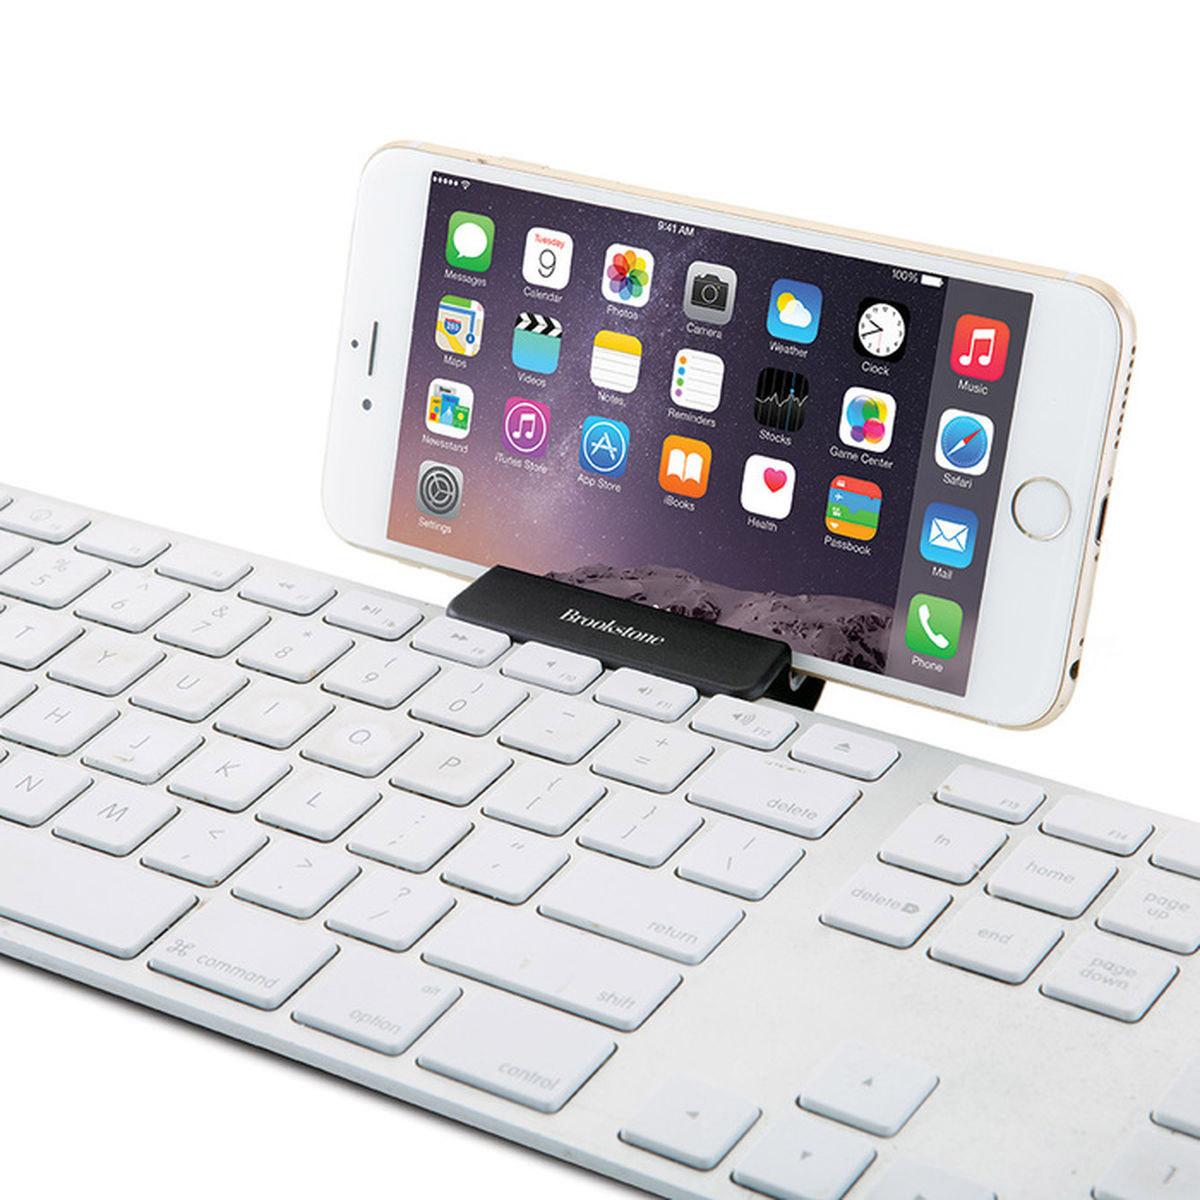 Image Result For Smartphone Keyboard